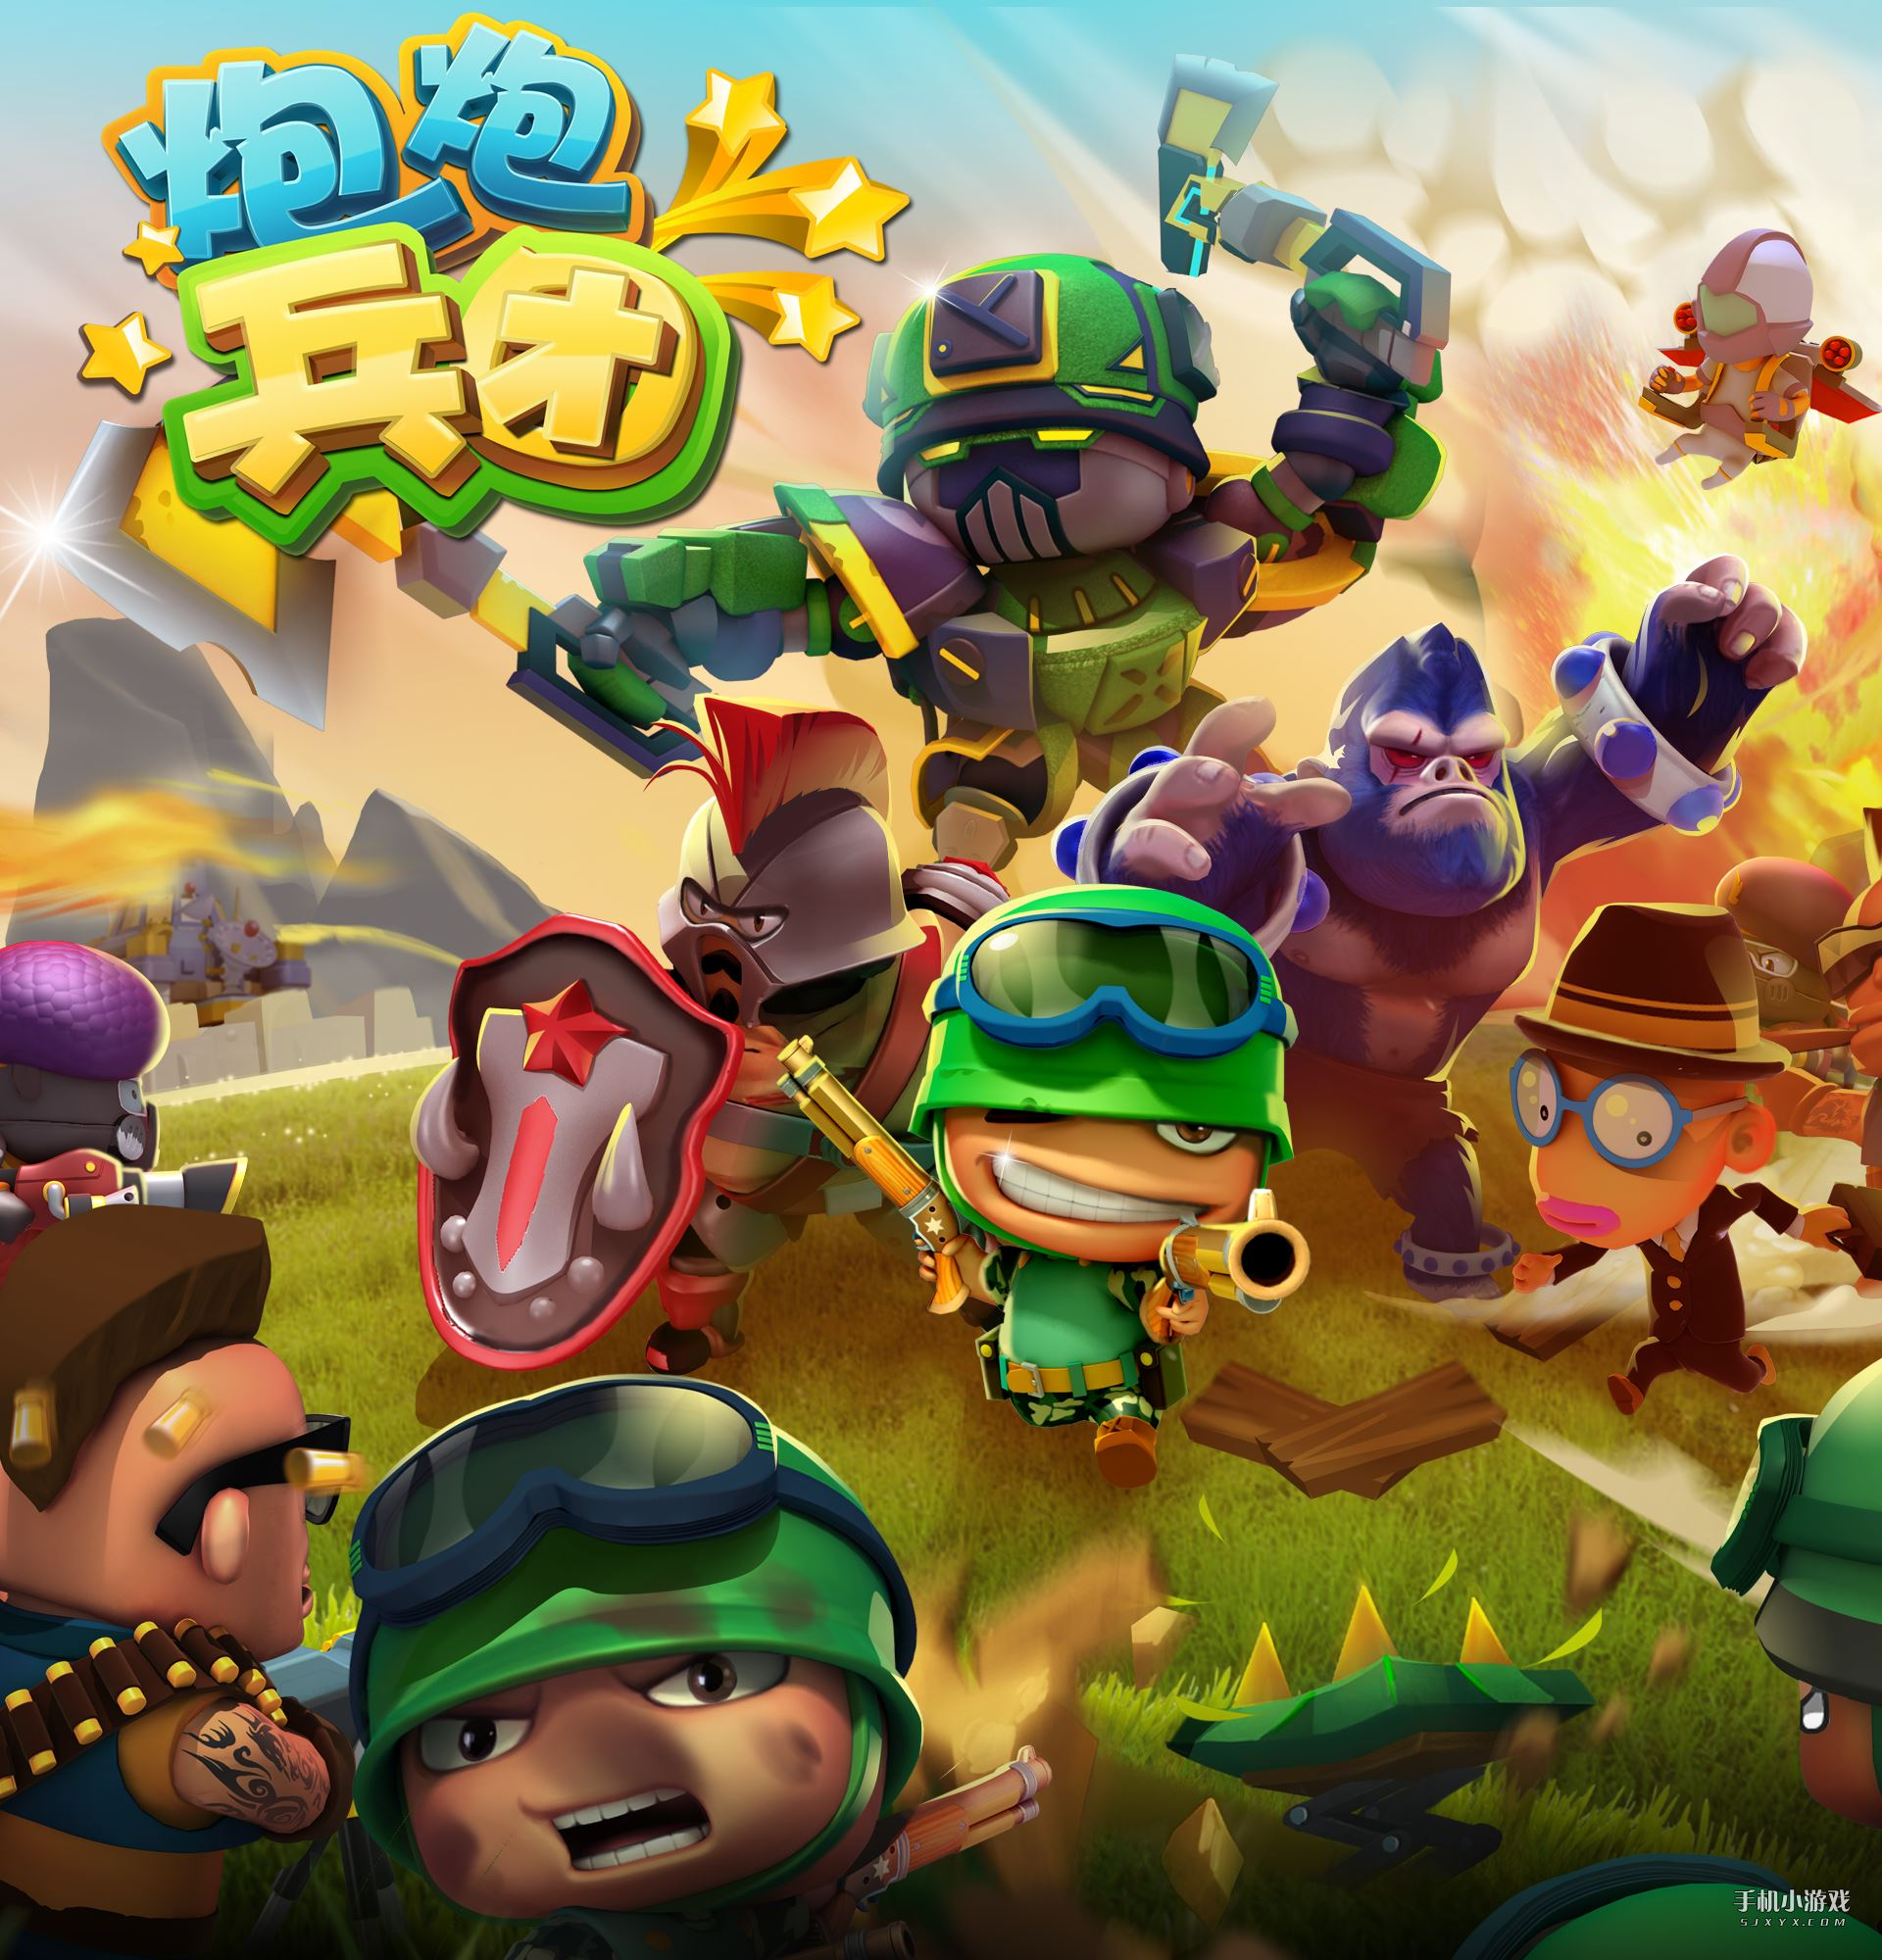 新玩法开启 想玩你就来 《炮炮兵团》游戏采用了策略类的玩法,玩家可以在游戏中建造建筑,用来维持城堡的发展;训练战斗单位,来和游戏中其他玩家进行战斗。游戏在诸多细节方面都对漫画《炮炮兵团》进行还原,并将漫画剧情穿插引入游戏内,可以让熟悉《炮炮兵团》漫画的玩家更感亲切。 游戏主创给玩家创造大量福利,首次加入了多种作战升级的模式。爱好单人冒险的玩家,可以跟随剧情不断挑战单人关卡。而喜爱PVP战斗的玩家则可以通过搜索匹配与自己实力相当的玩家,通过掠夺他们来获得资源。同时游戏引入了军团BUFF设定,并随着等级逐步